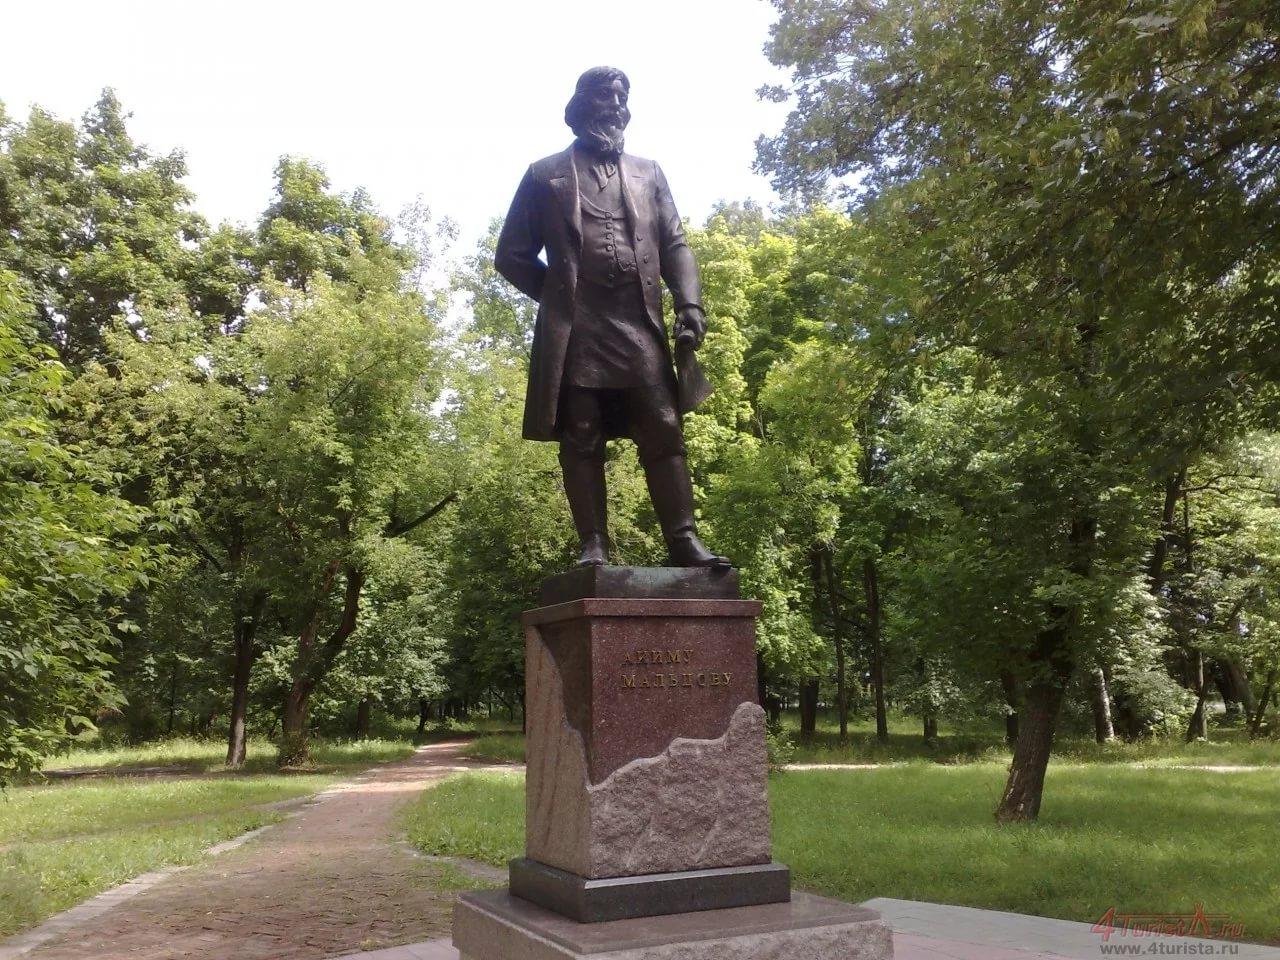 Памятник Акиму Мальцову, Гусь-Хрустальный